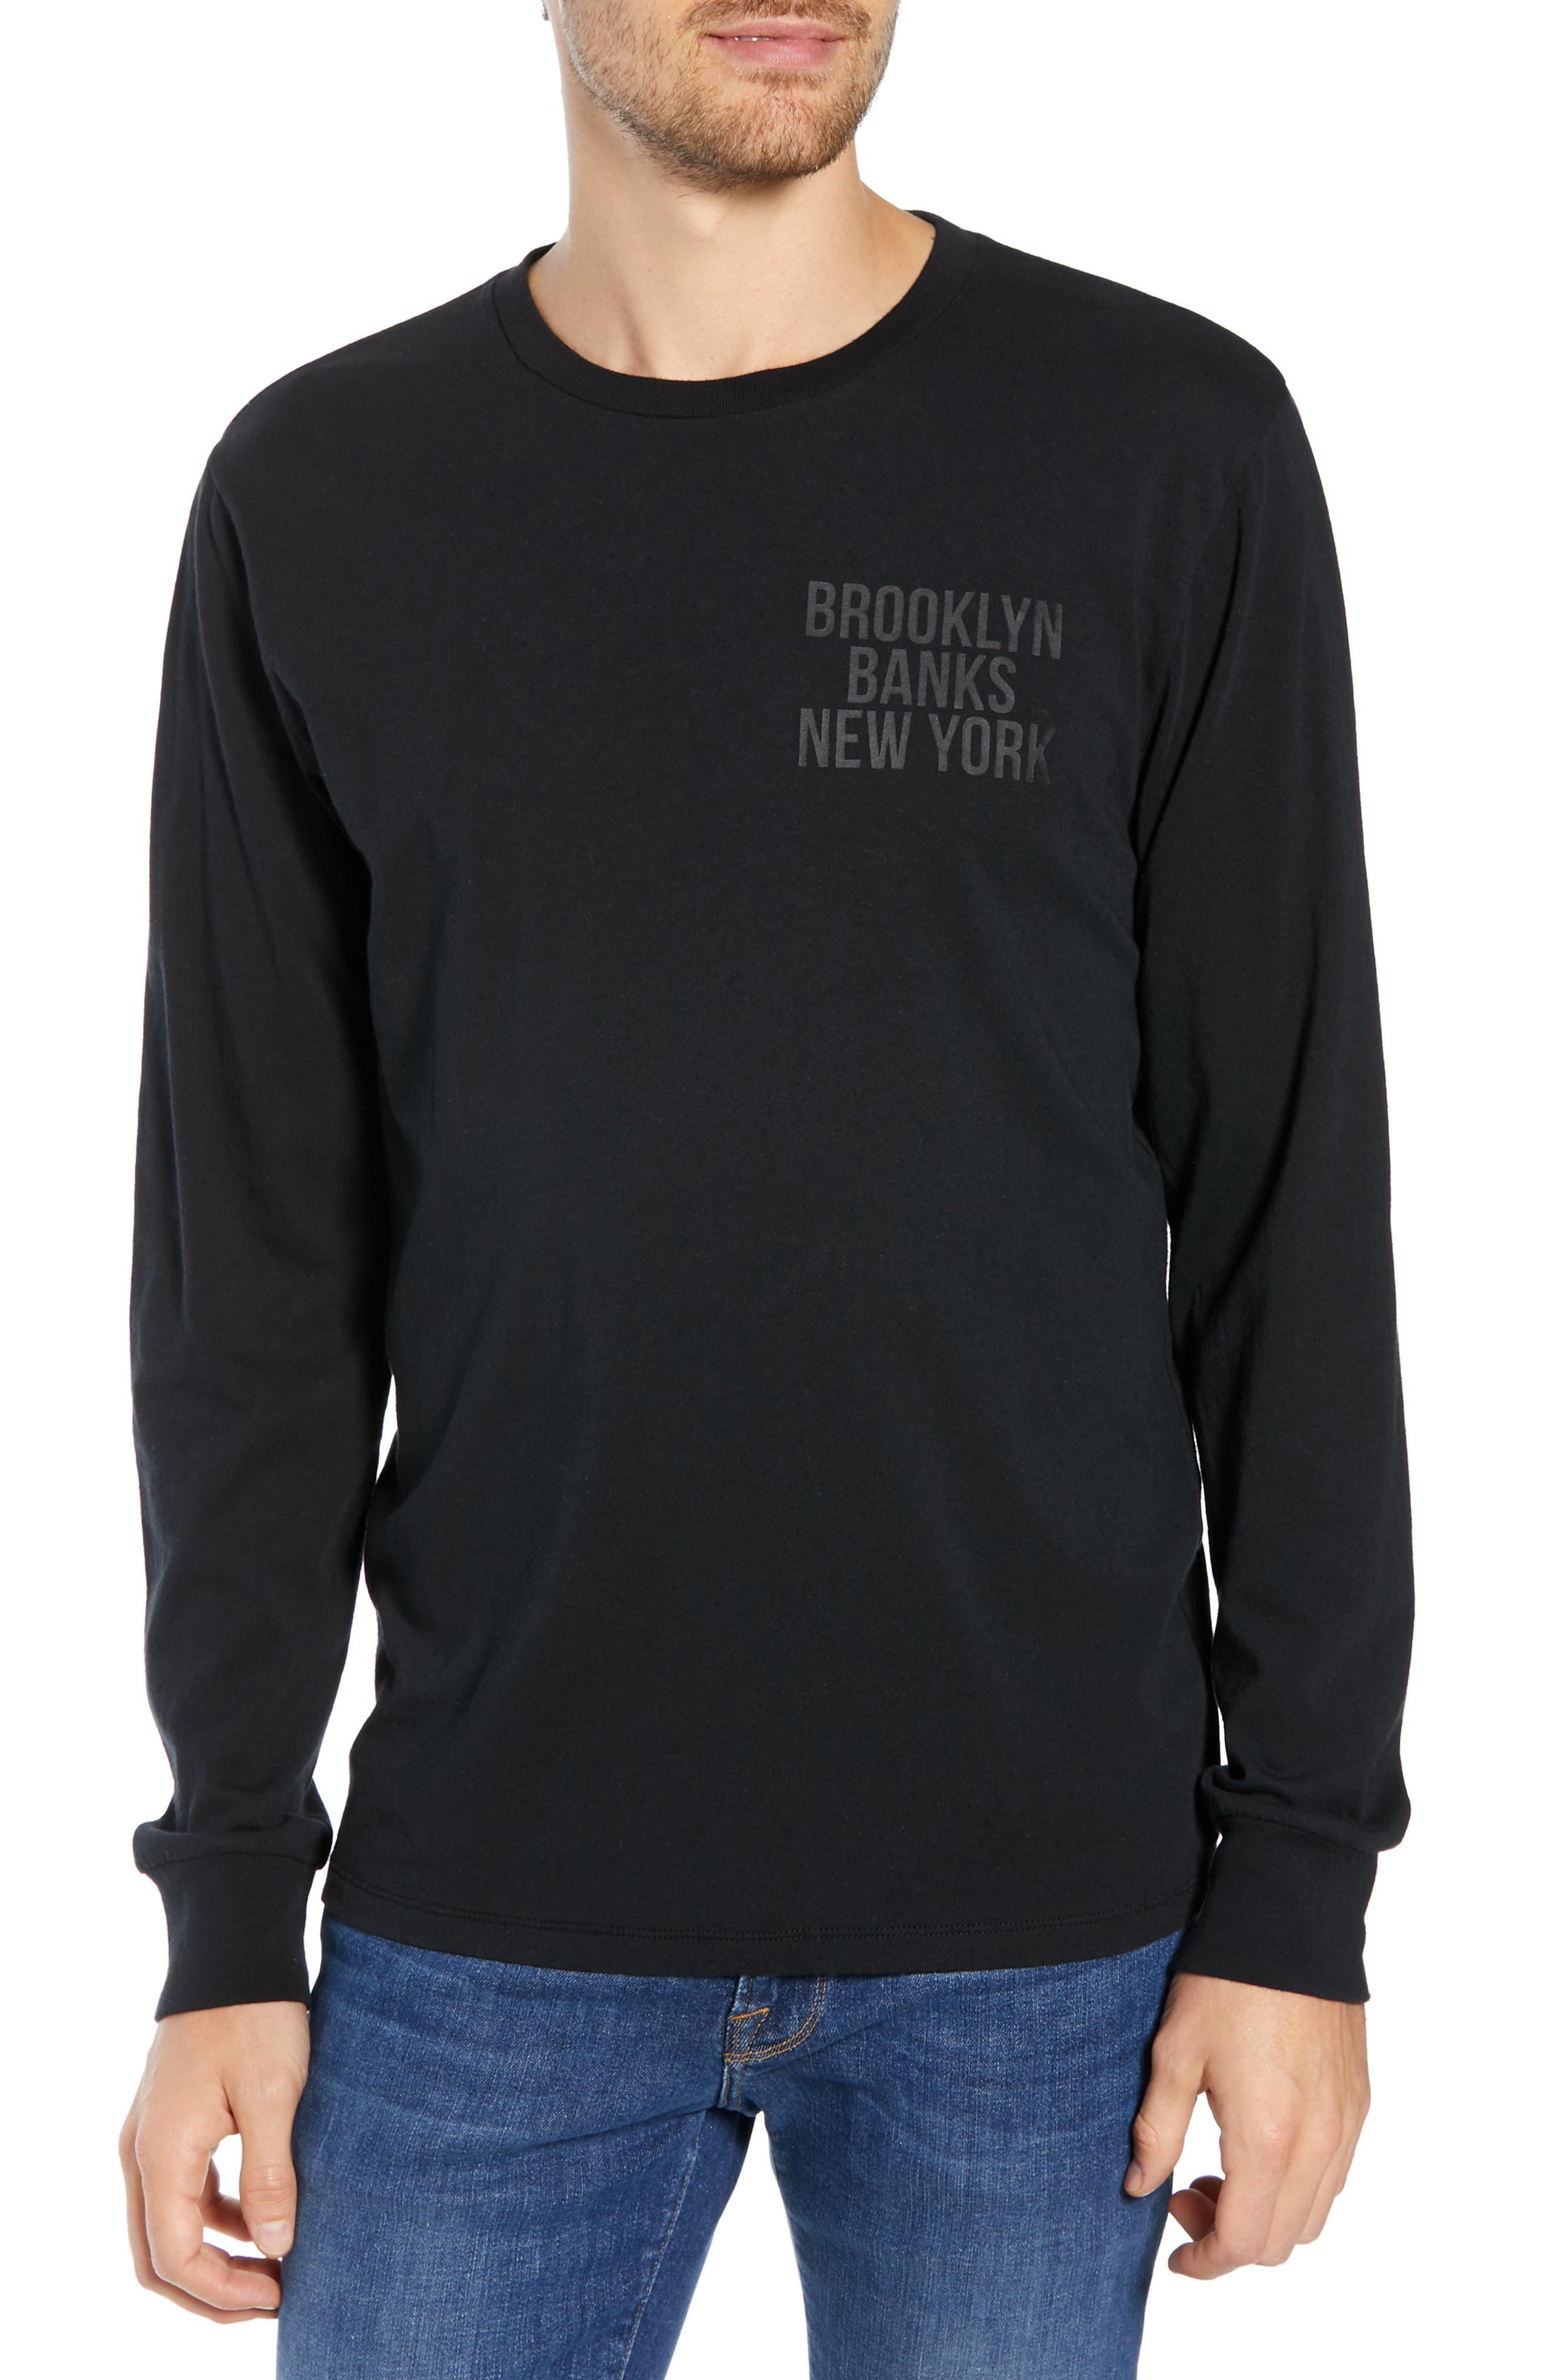 Brooklyn Banks Long Sleeve T-Shirt,                             Main thumbnail 1, color,                             BLACK